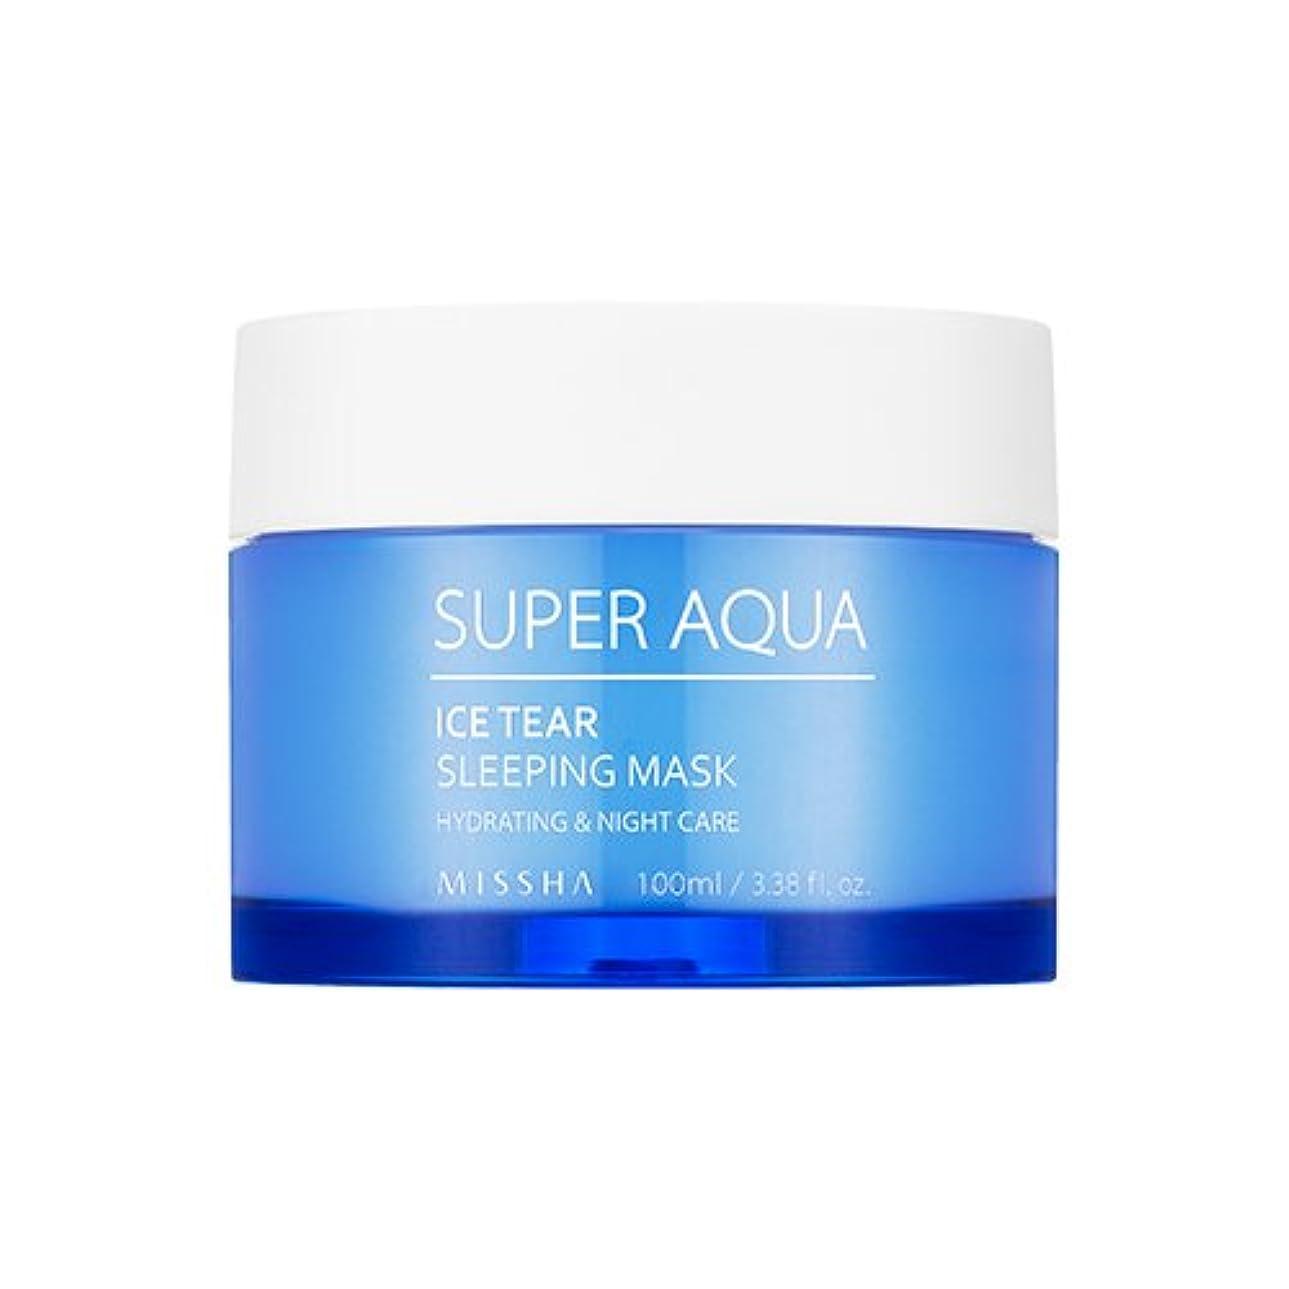 恥ずかしさキャプチャー羊飼いMISSHA Super Aqua Ice Tear Sleeping Mask 100ml / ミシャ スーパーアクア アイスティアスリーピングマスク [並行輸入品]